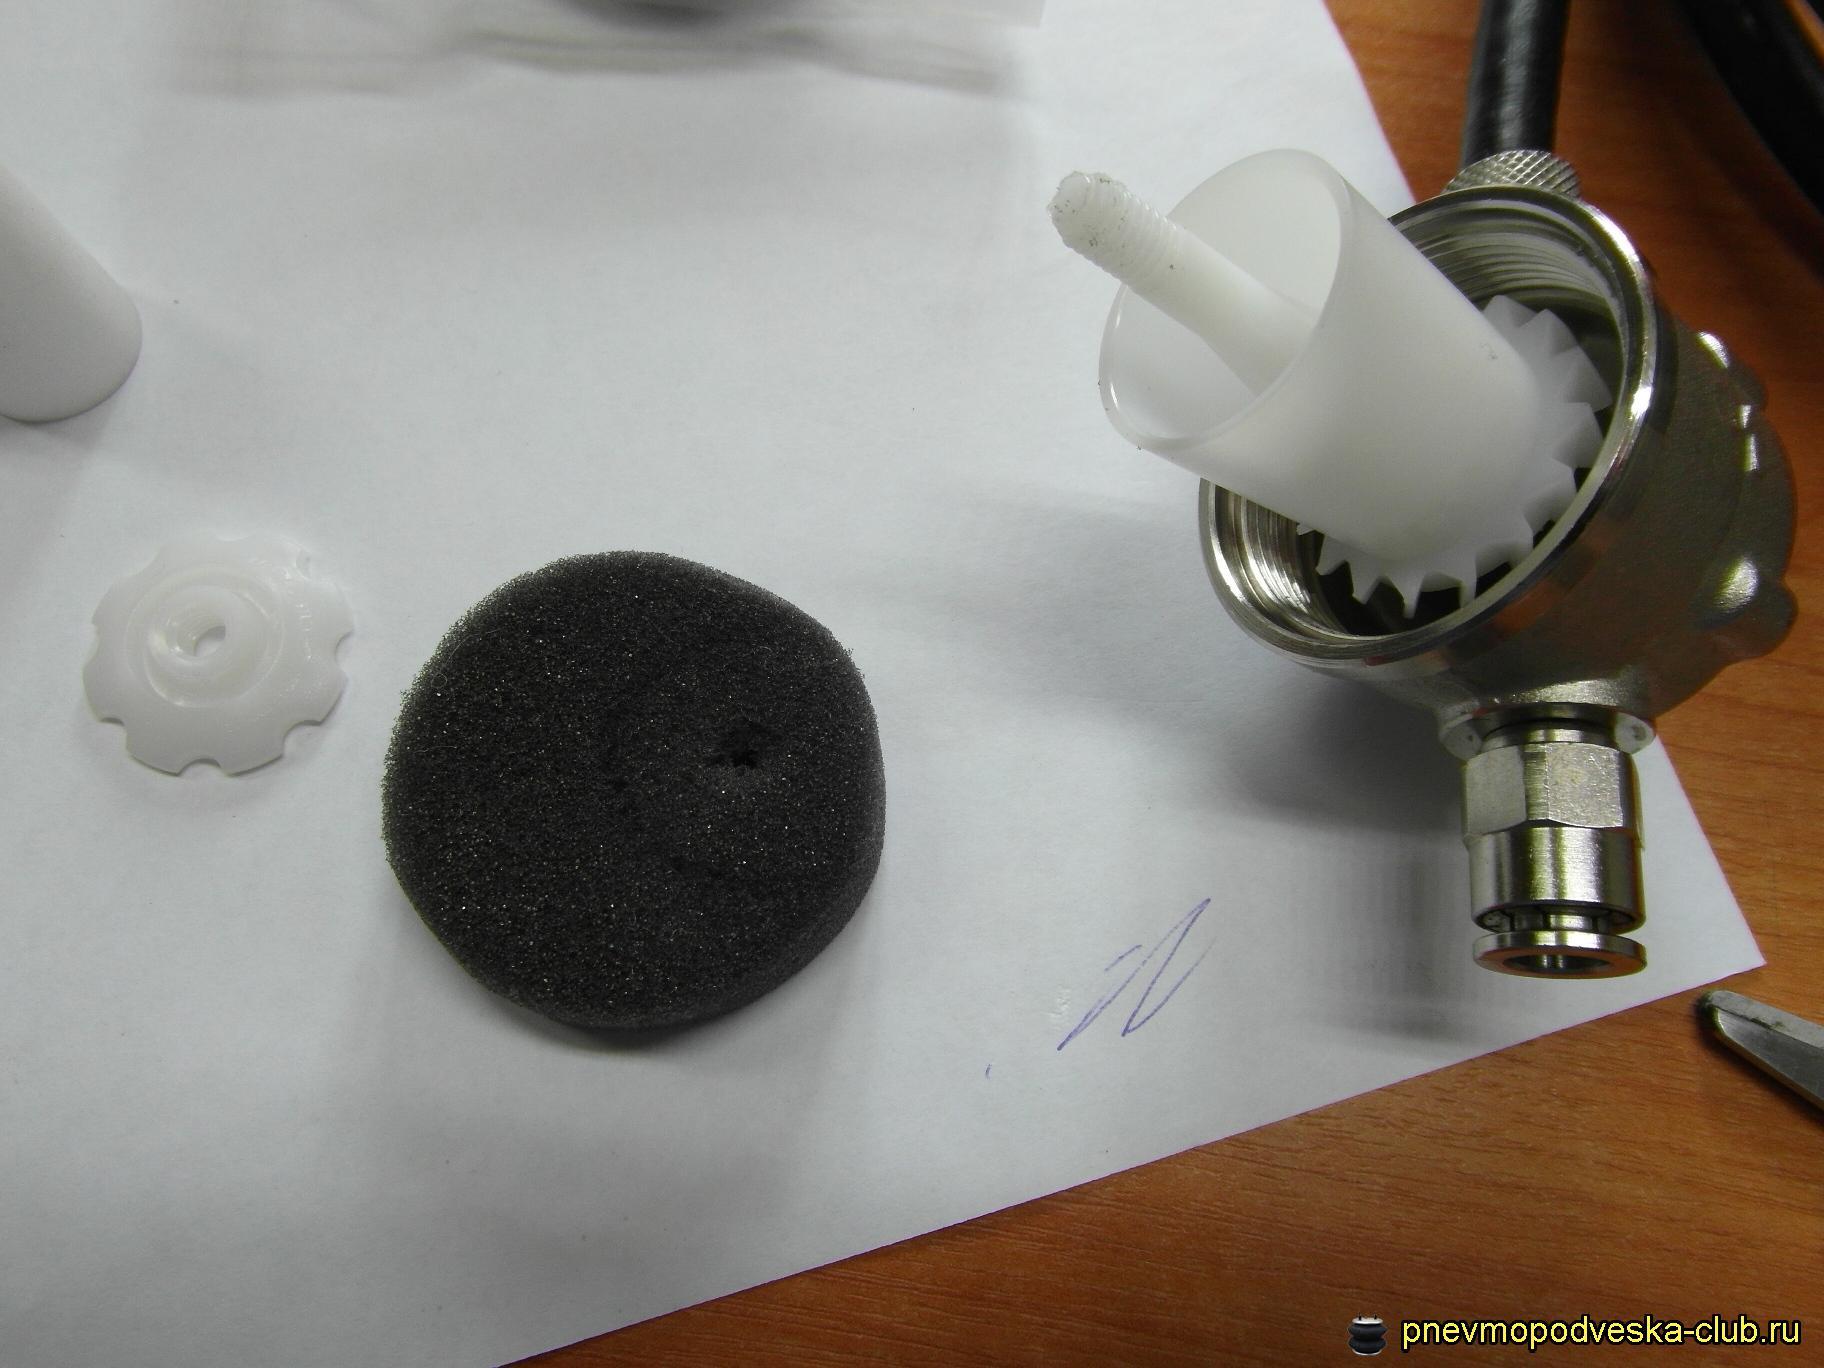 Самодельный обратный клапан : подробно о том, как сделать обратный клапан 94